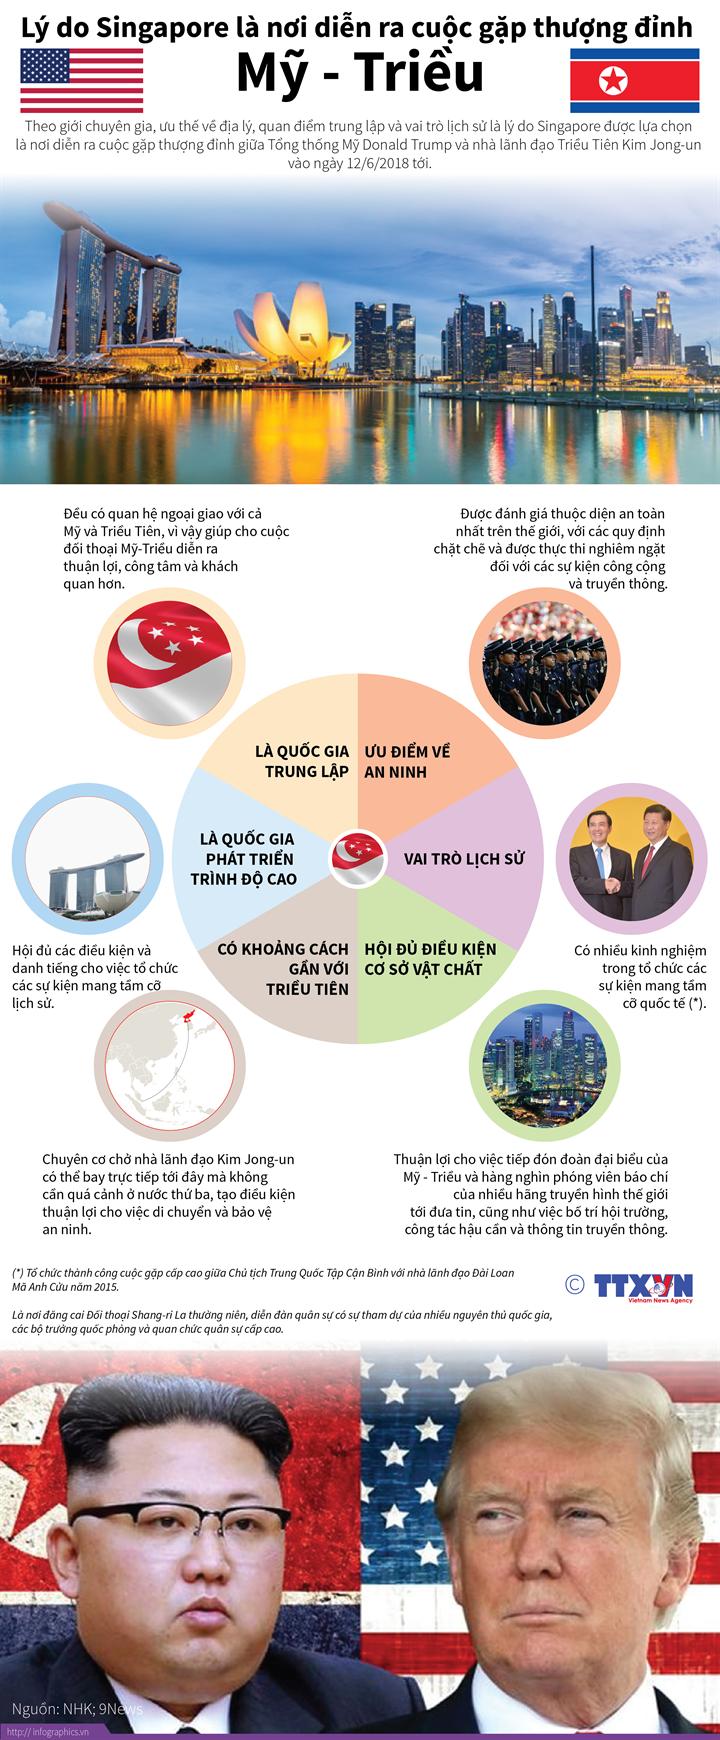 Lý do Singapore là nơi diễn ra cuộc gặp thượng đỉnh Mỹ - Triều